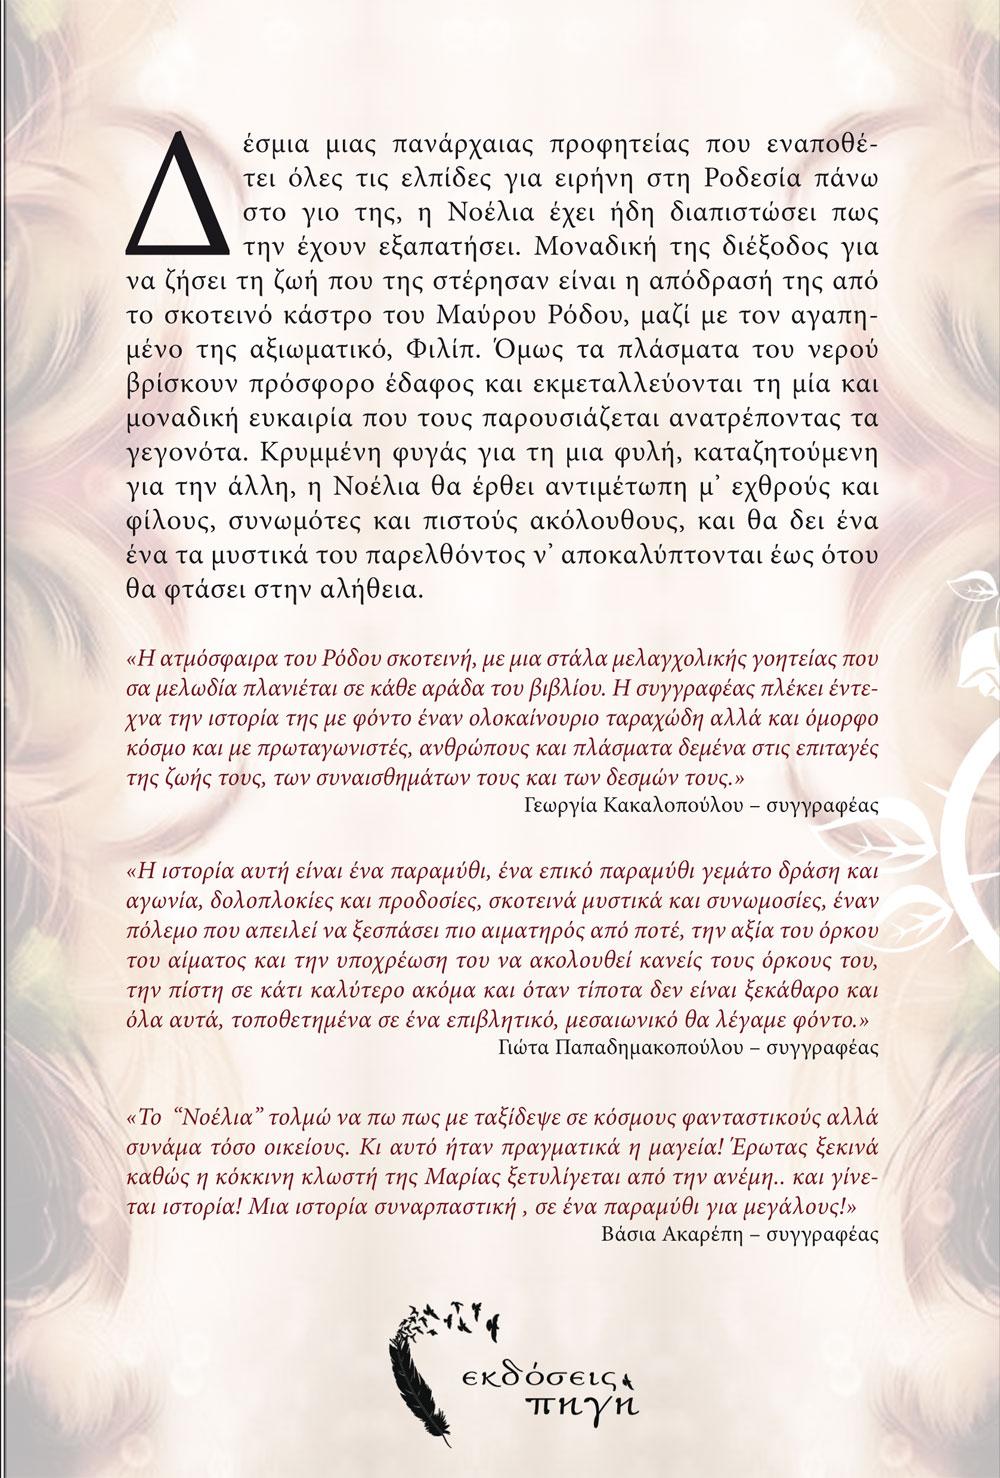 Οπισθόφυλλο, Νοέλια: Η Επιστροφή του Λευκού Ρόδου, Εκδόσεις Πηγή